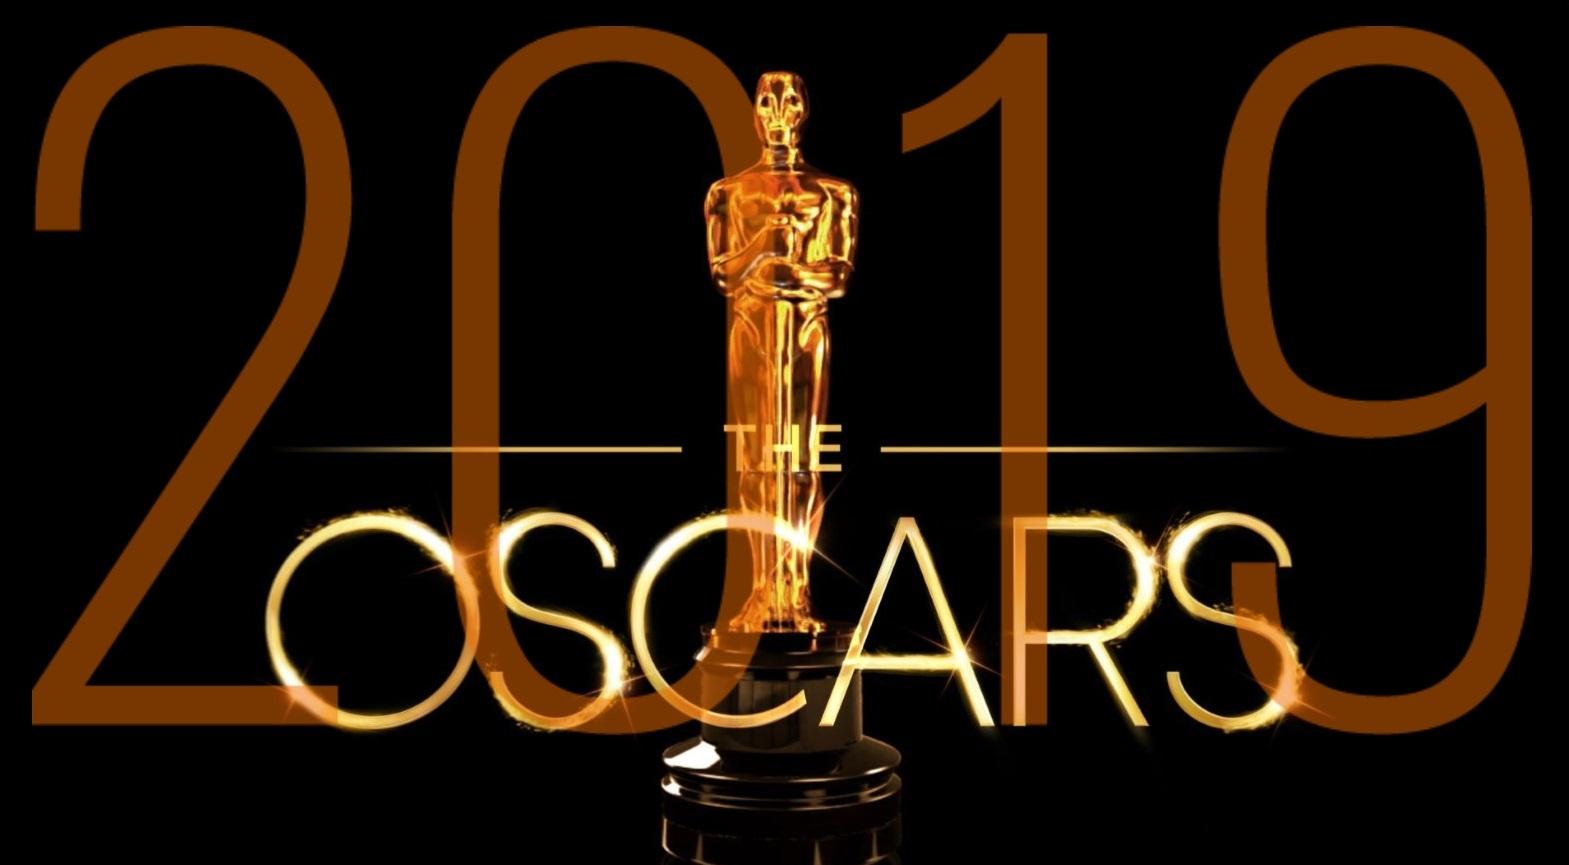 Oscar 2019: 4 categorie verranno premiate durante la pubblicità e il mondo del cinema non ci sta thumbnail